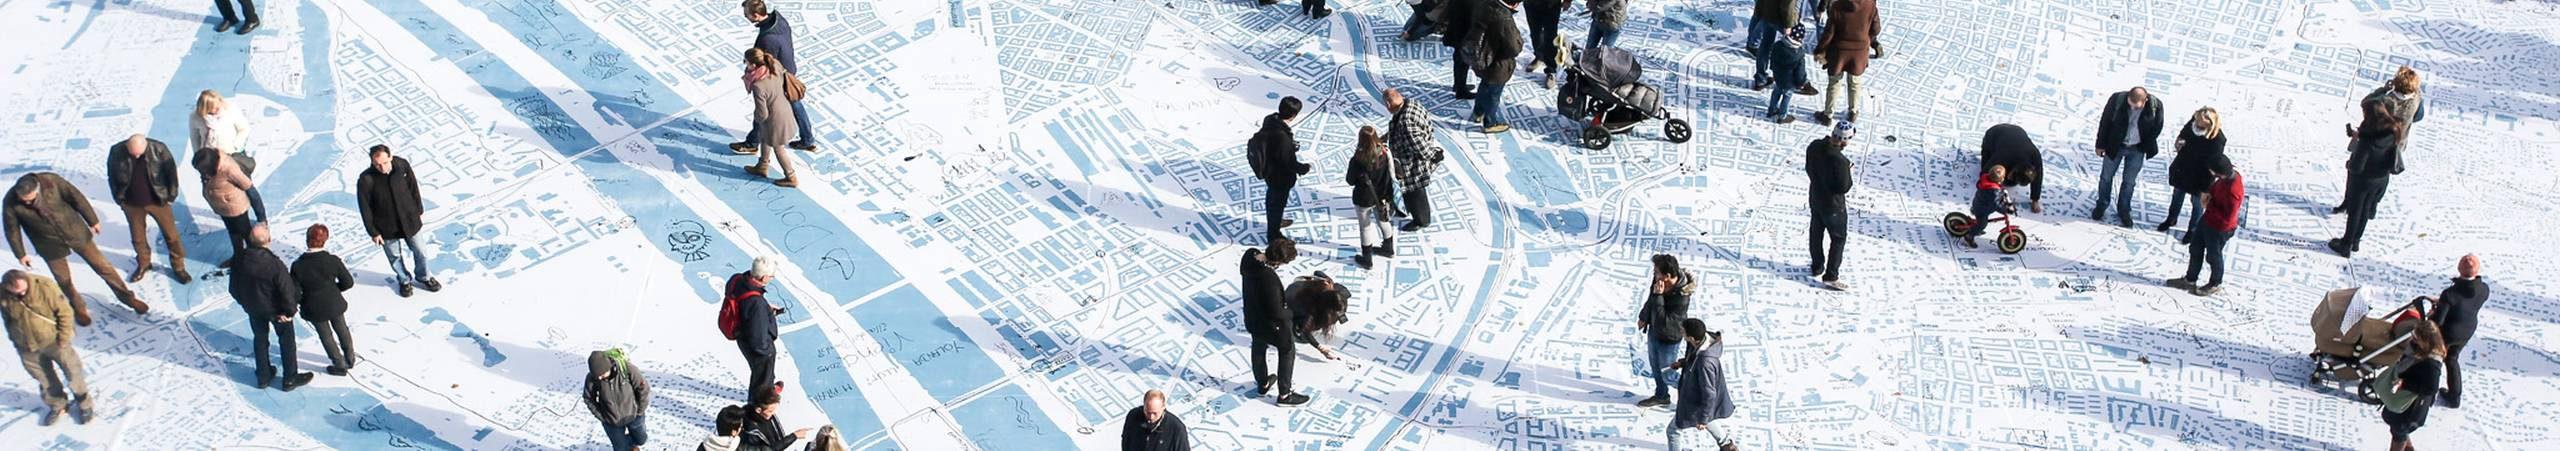 Besucher des Urban Village am Rathausplatz staunen über die größte Wienkarte aller Zeiten. Foto von Christian Fuerthner